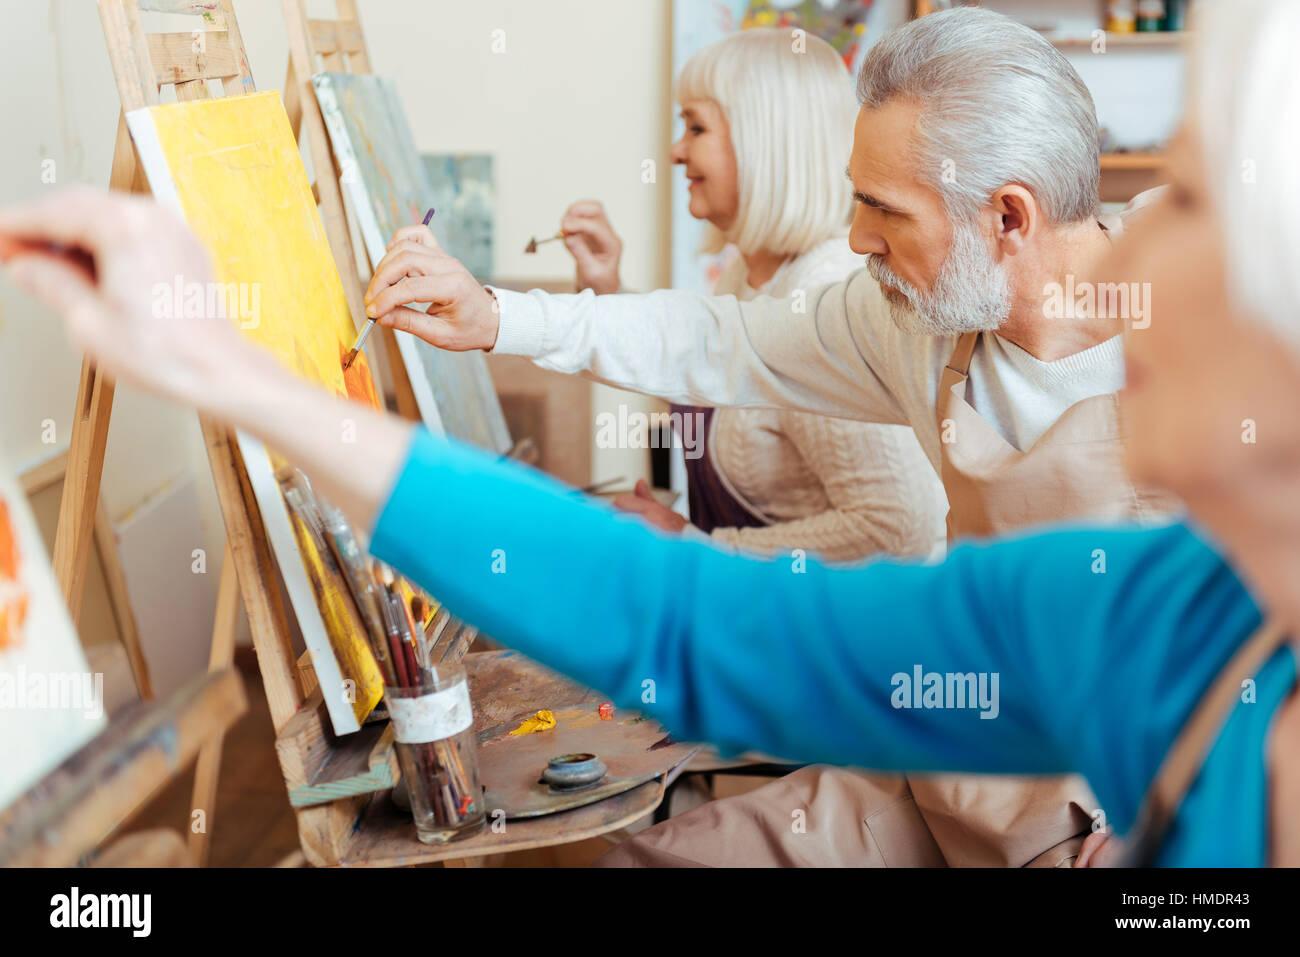 Drei konzentrierte Künstler, die viel Zeit im Malatelier Stockbild